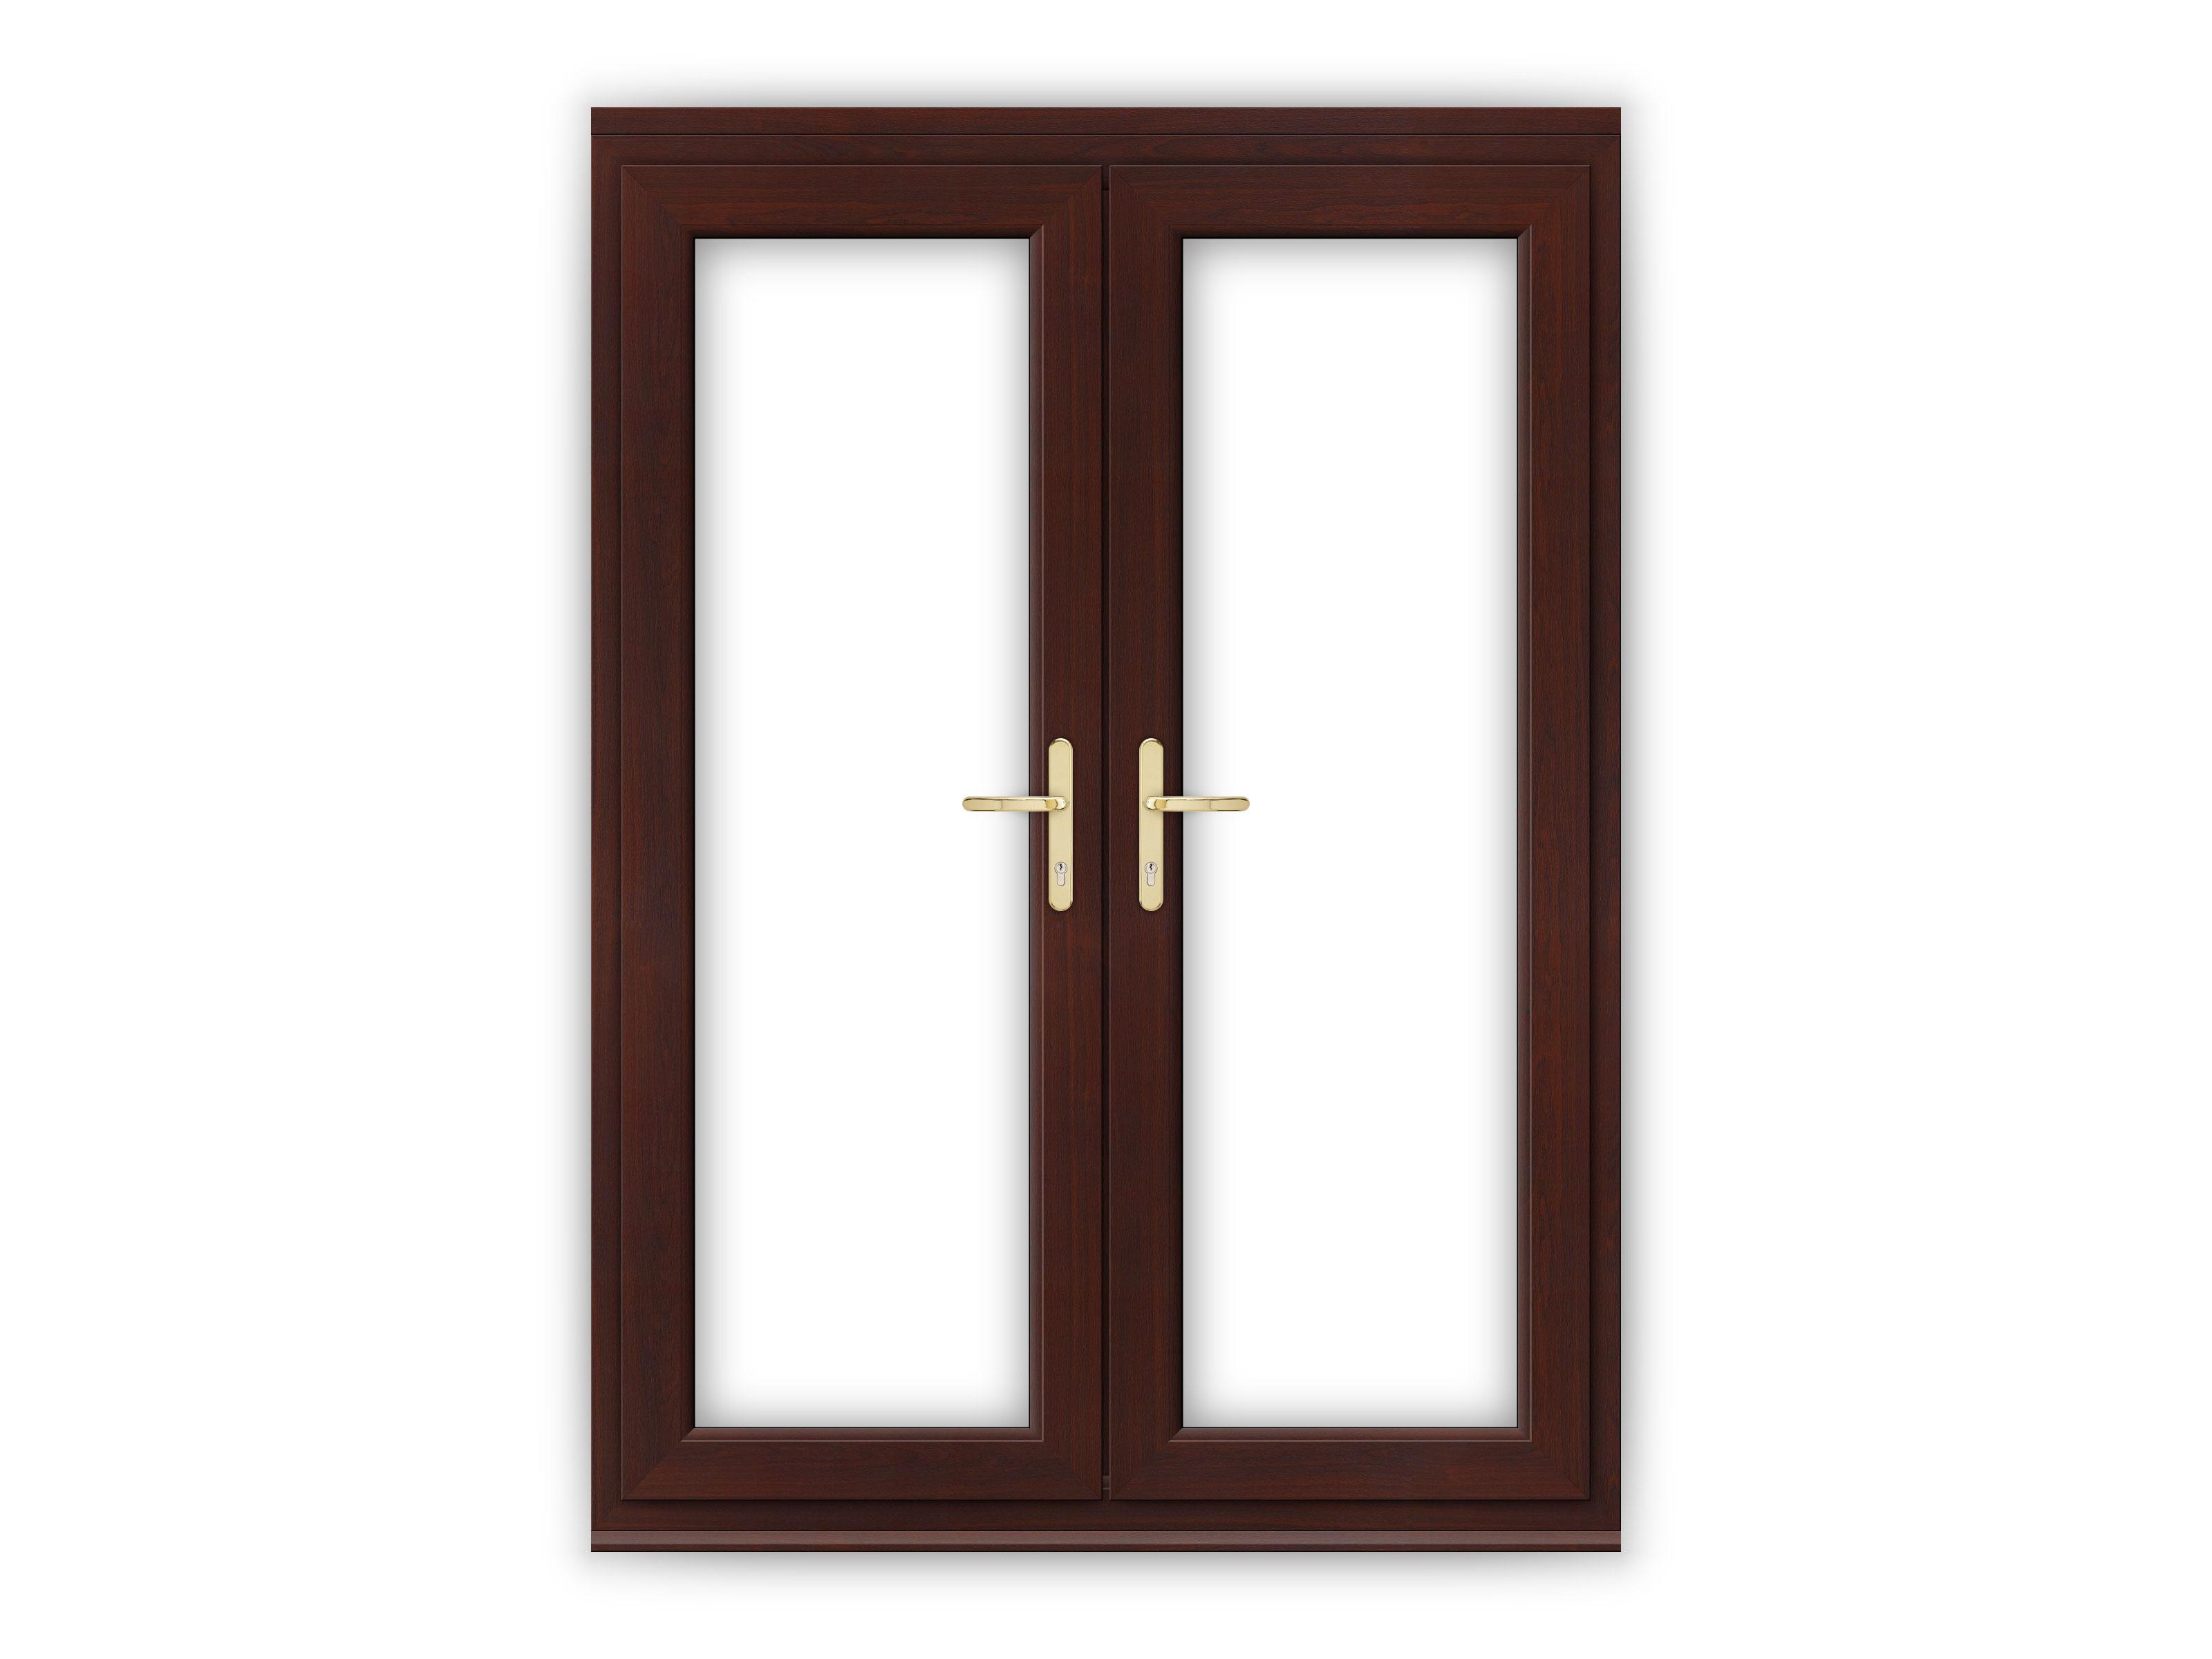 5 ft sliding patio doors 5ft upvc sliding patio doors for 5 patio door